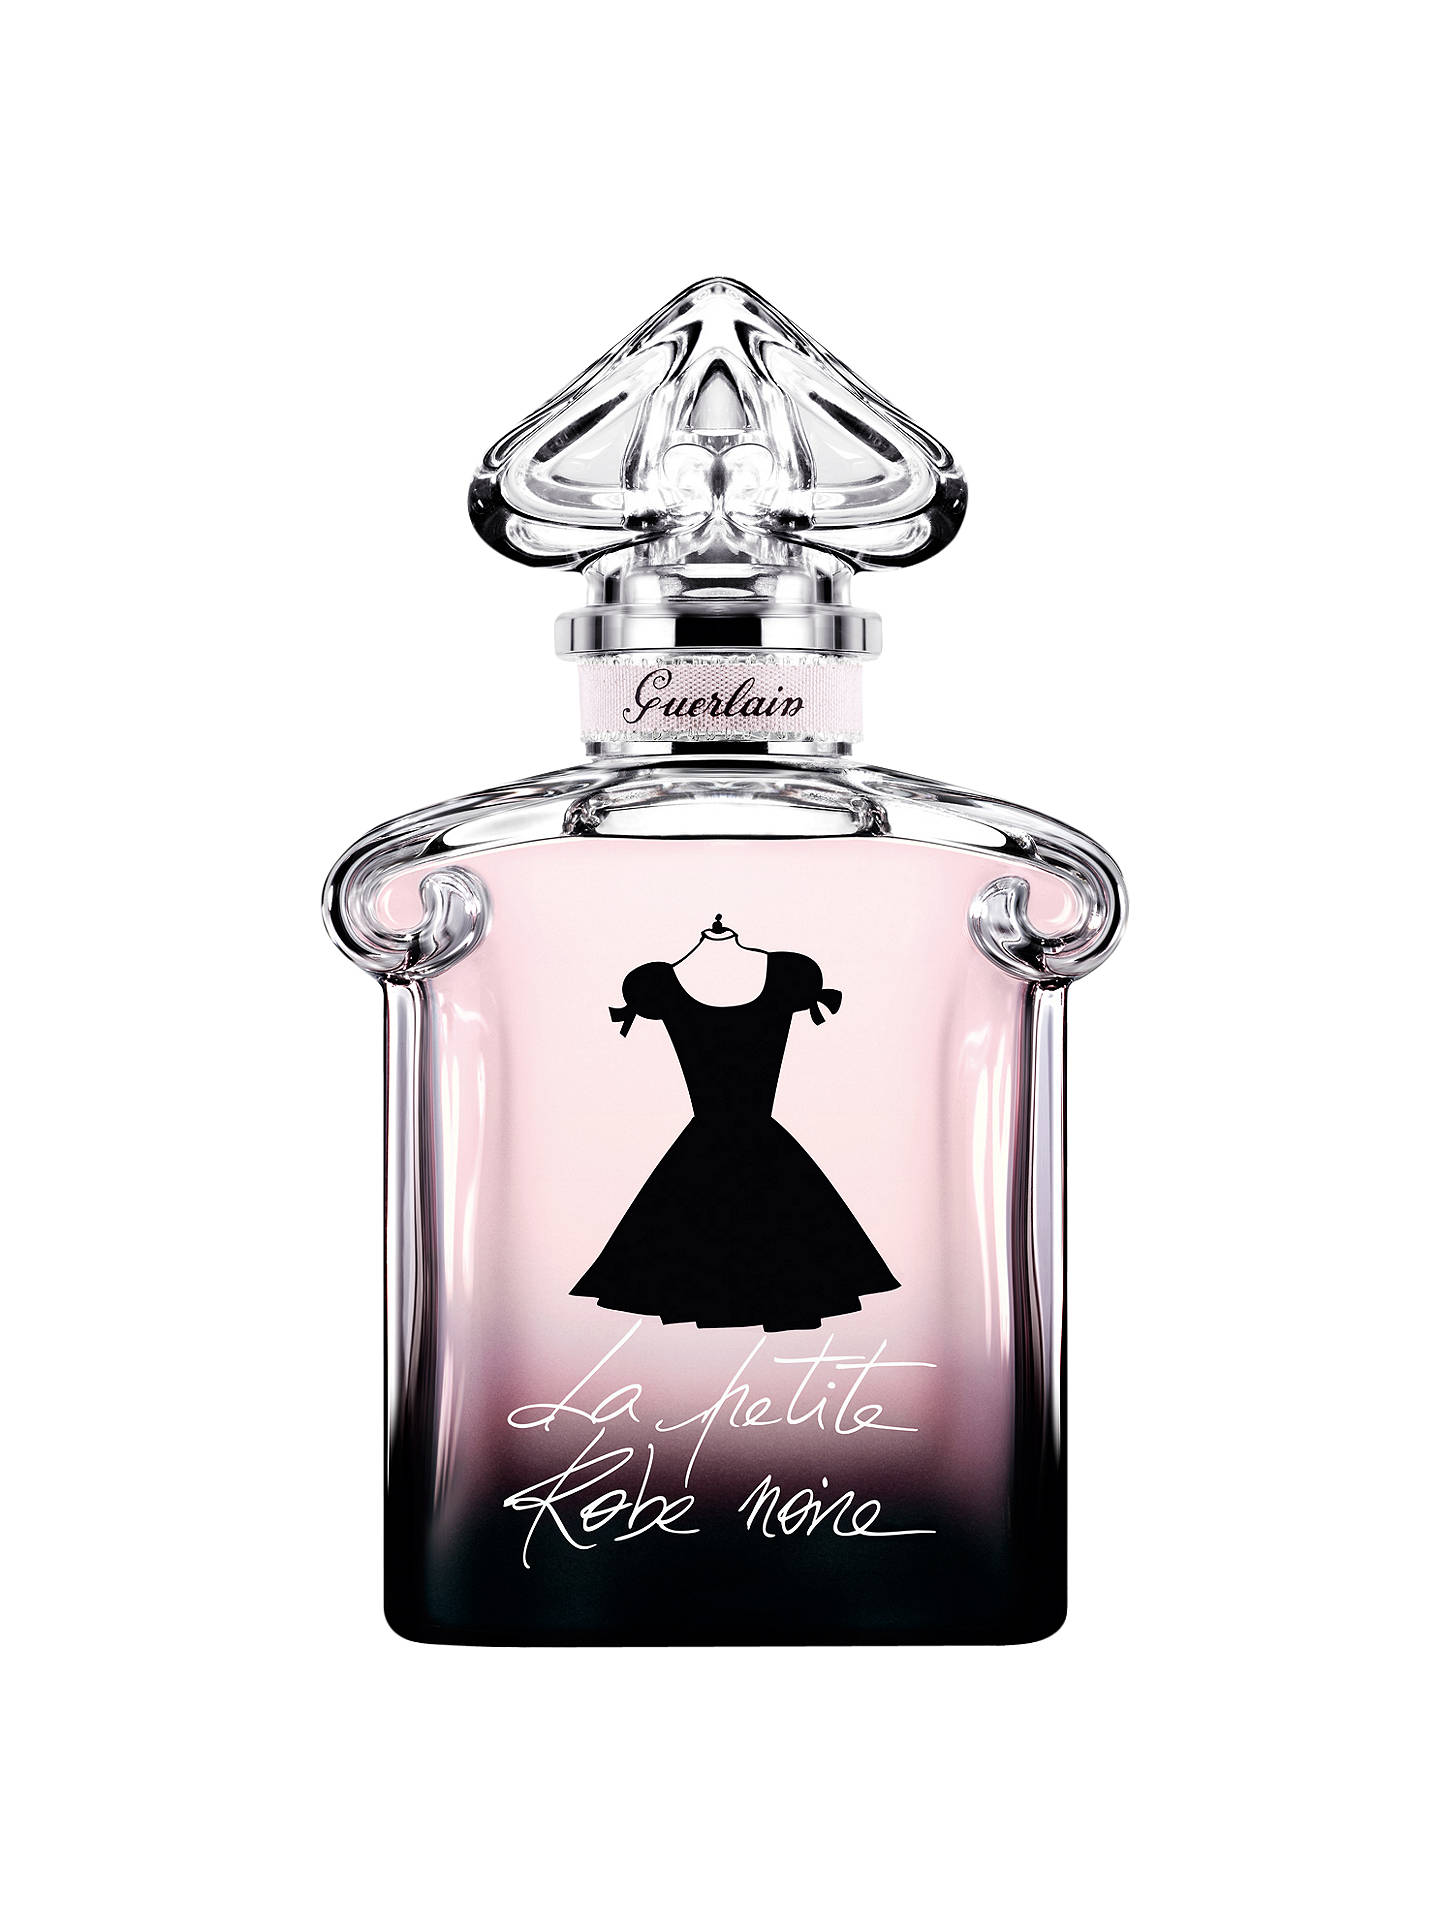 Partners Parfum La Eau At Lewisamp; Guerlain Petite De Robe Noire John AjLq54R3